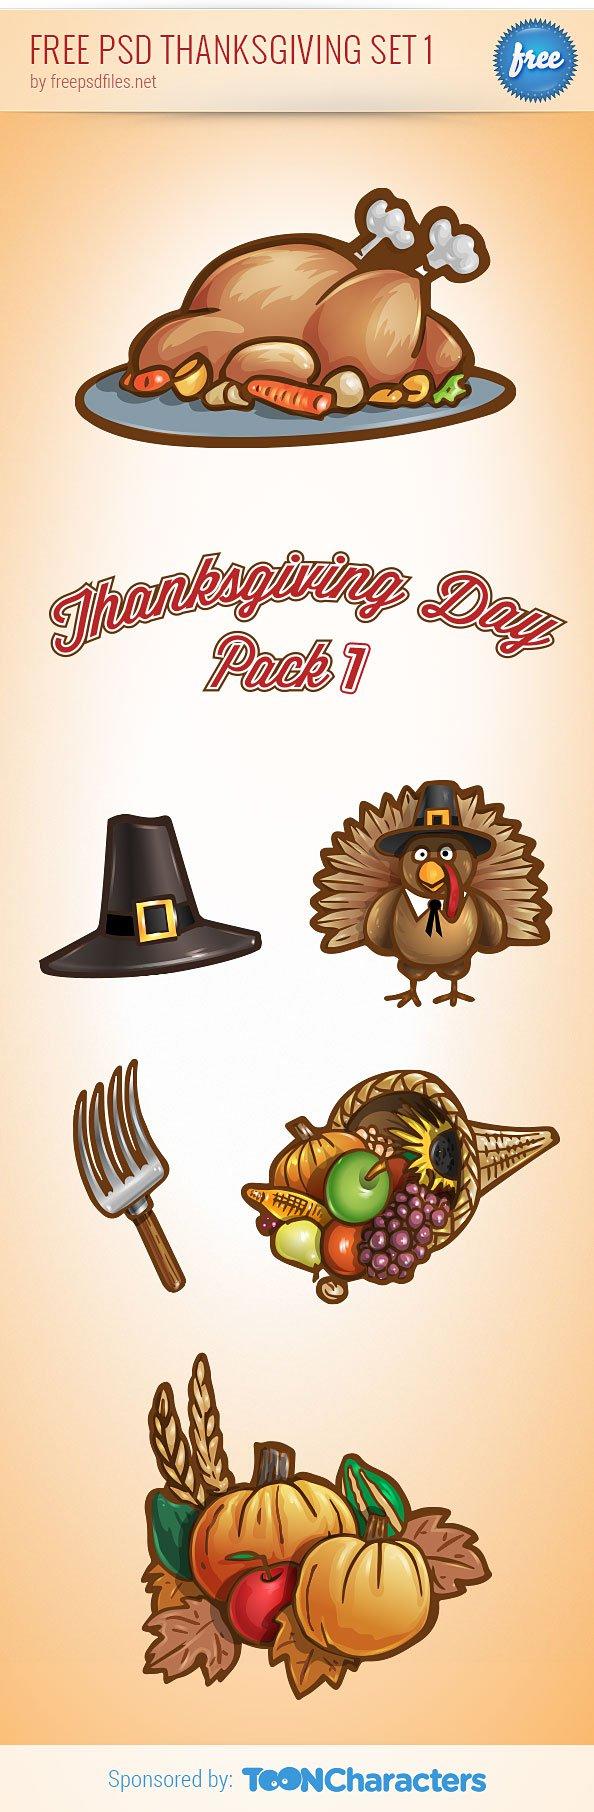 Бесплатный набор Дня Благодарения в формате PSD №1